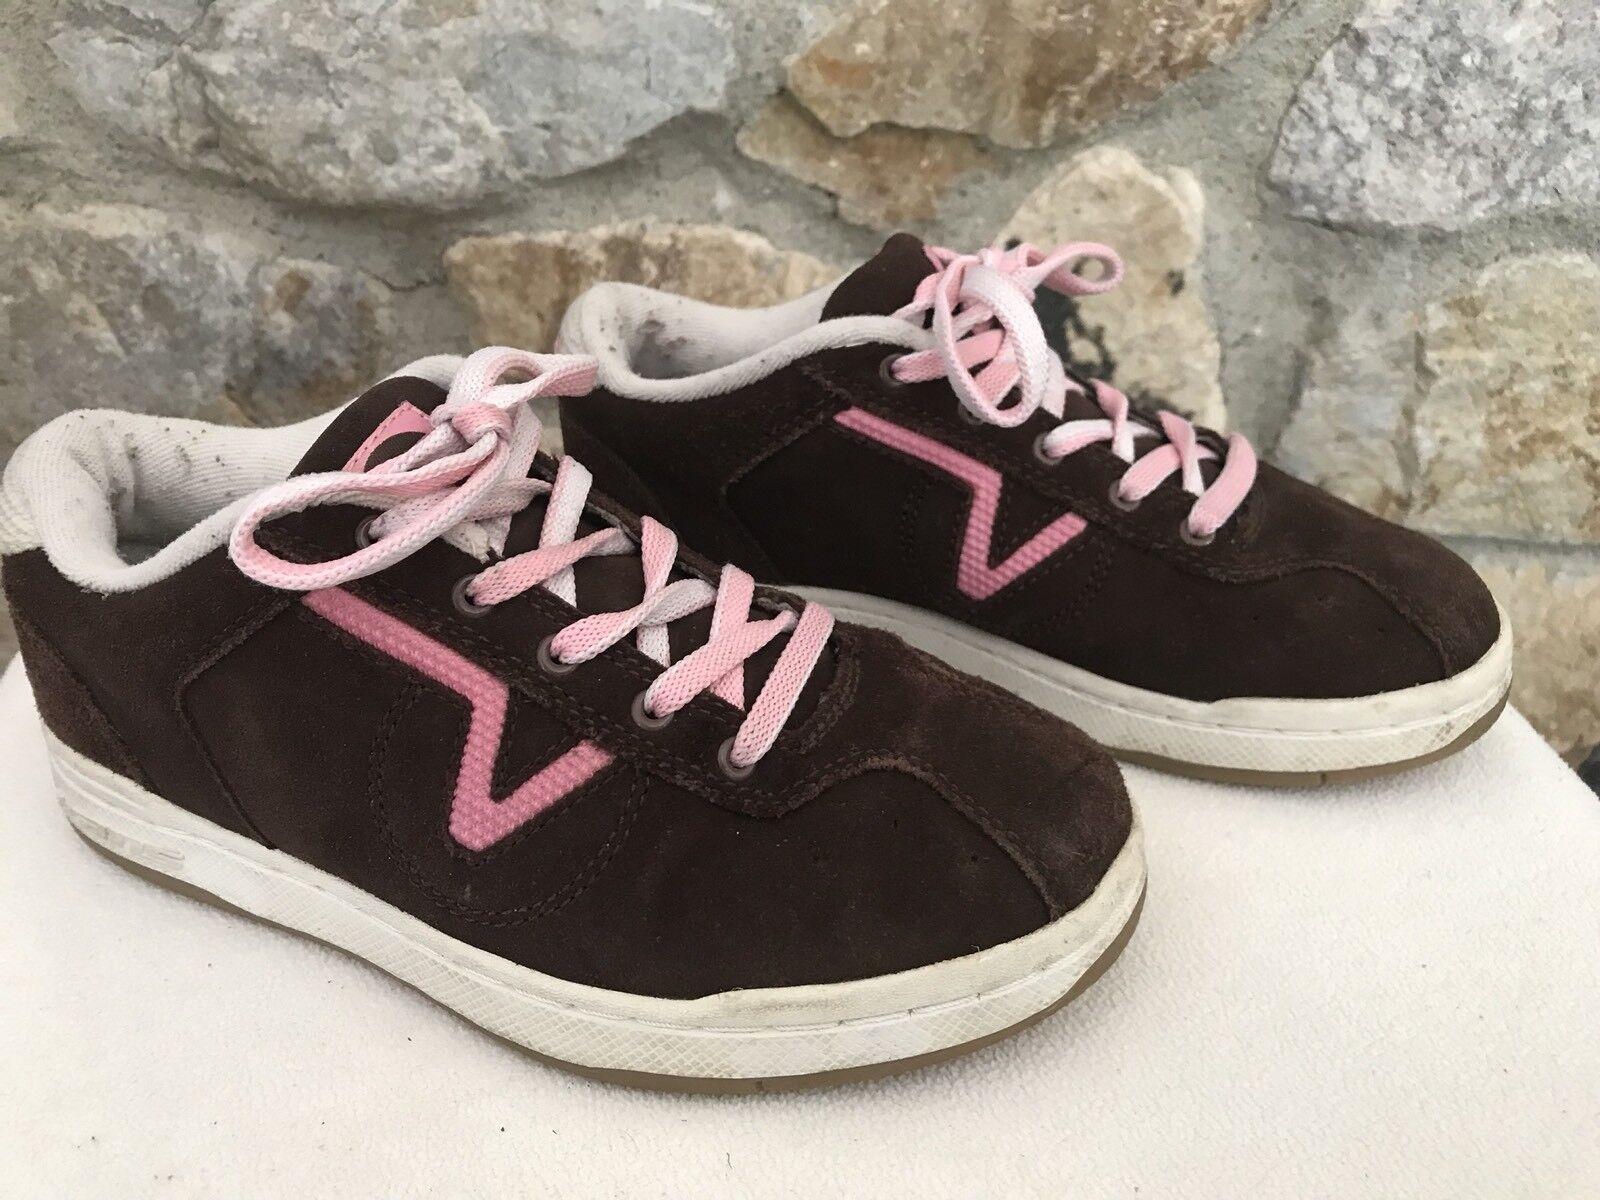 Vans Pink RILEY Brown Suede / Pink Vans Skate Casual Athletic Shoes Sneakers Women's 5.5 bf8cae